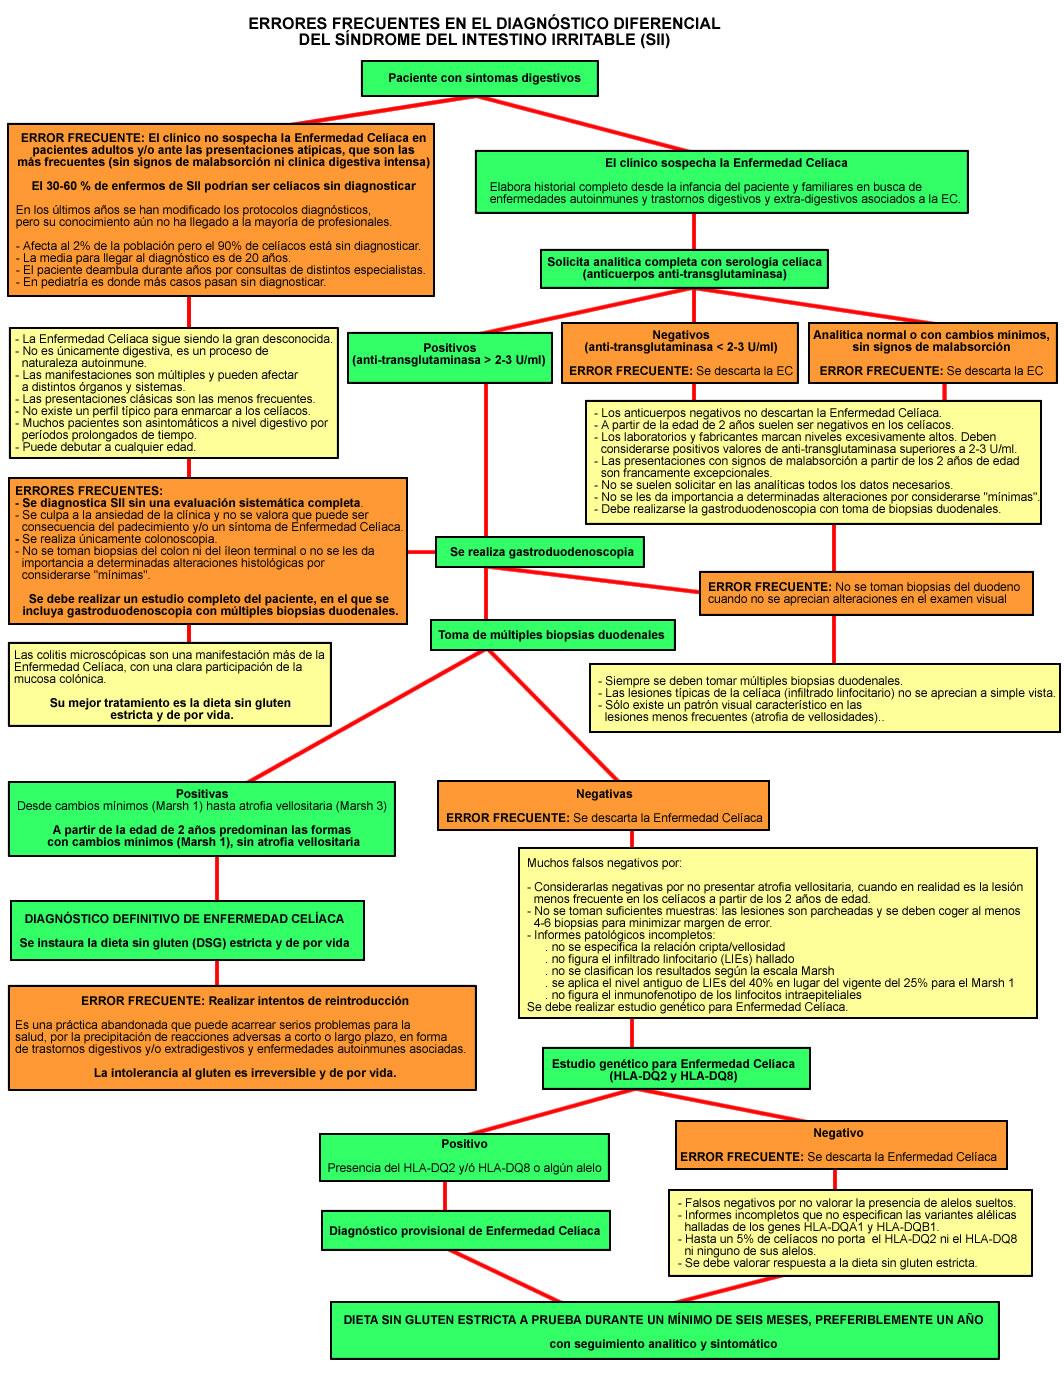 Archivo:SII - Diagrama errores diagnosticos.jpg - Wikipedia, la ...